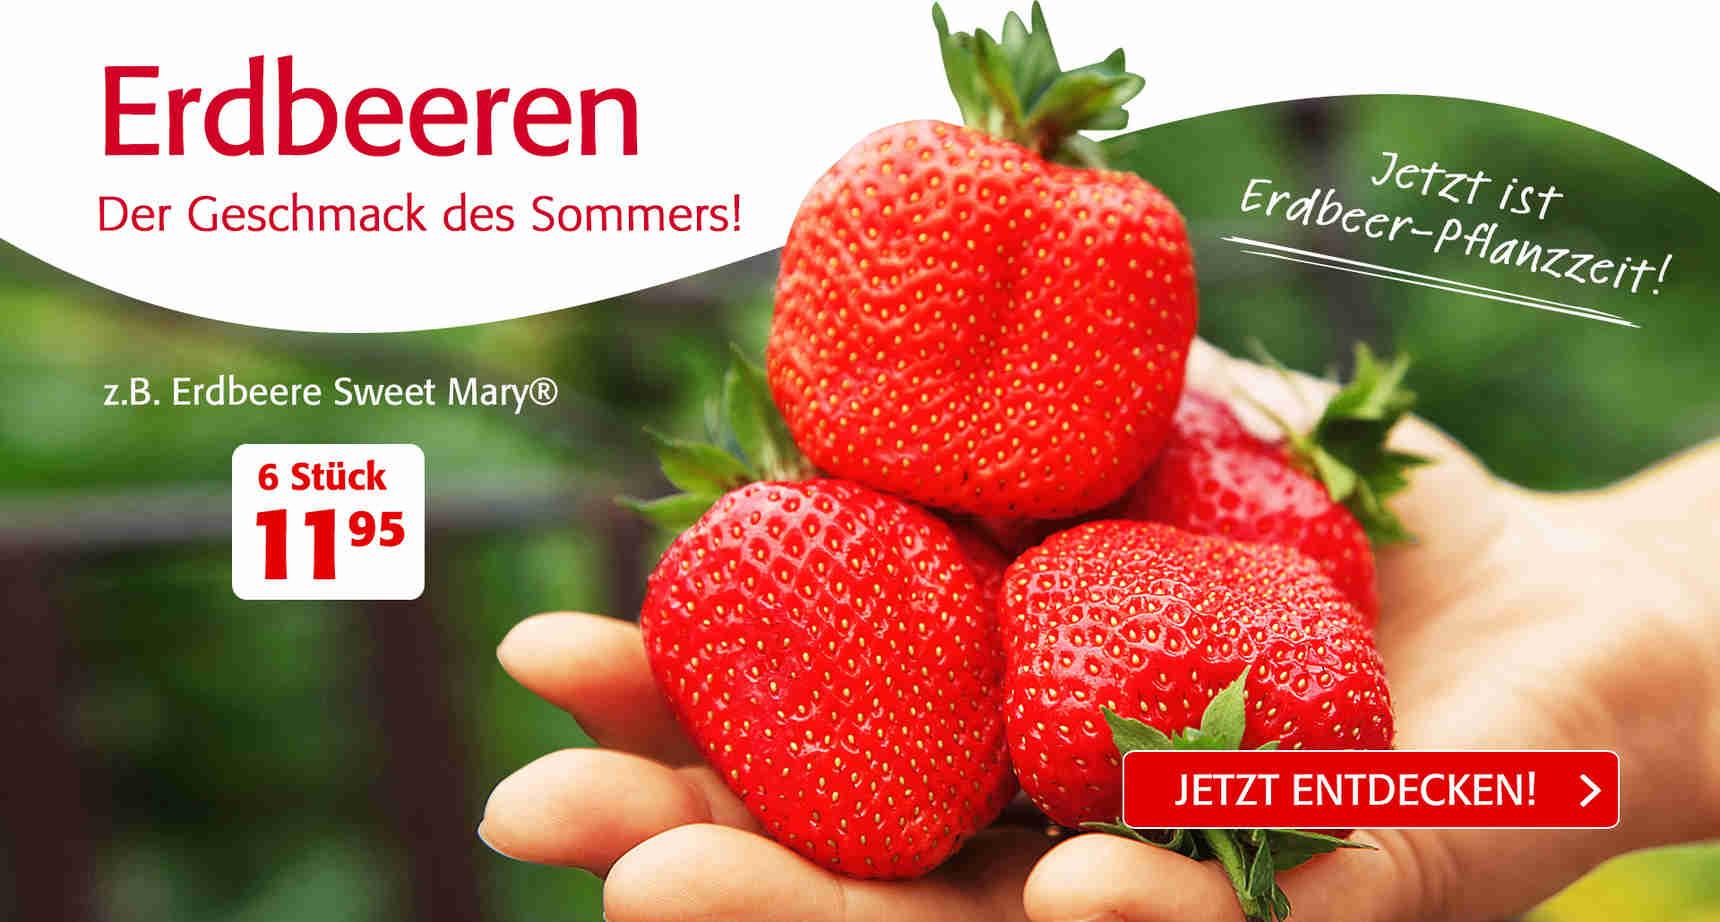 +++ (3) Erdbeeren +++ - 3